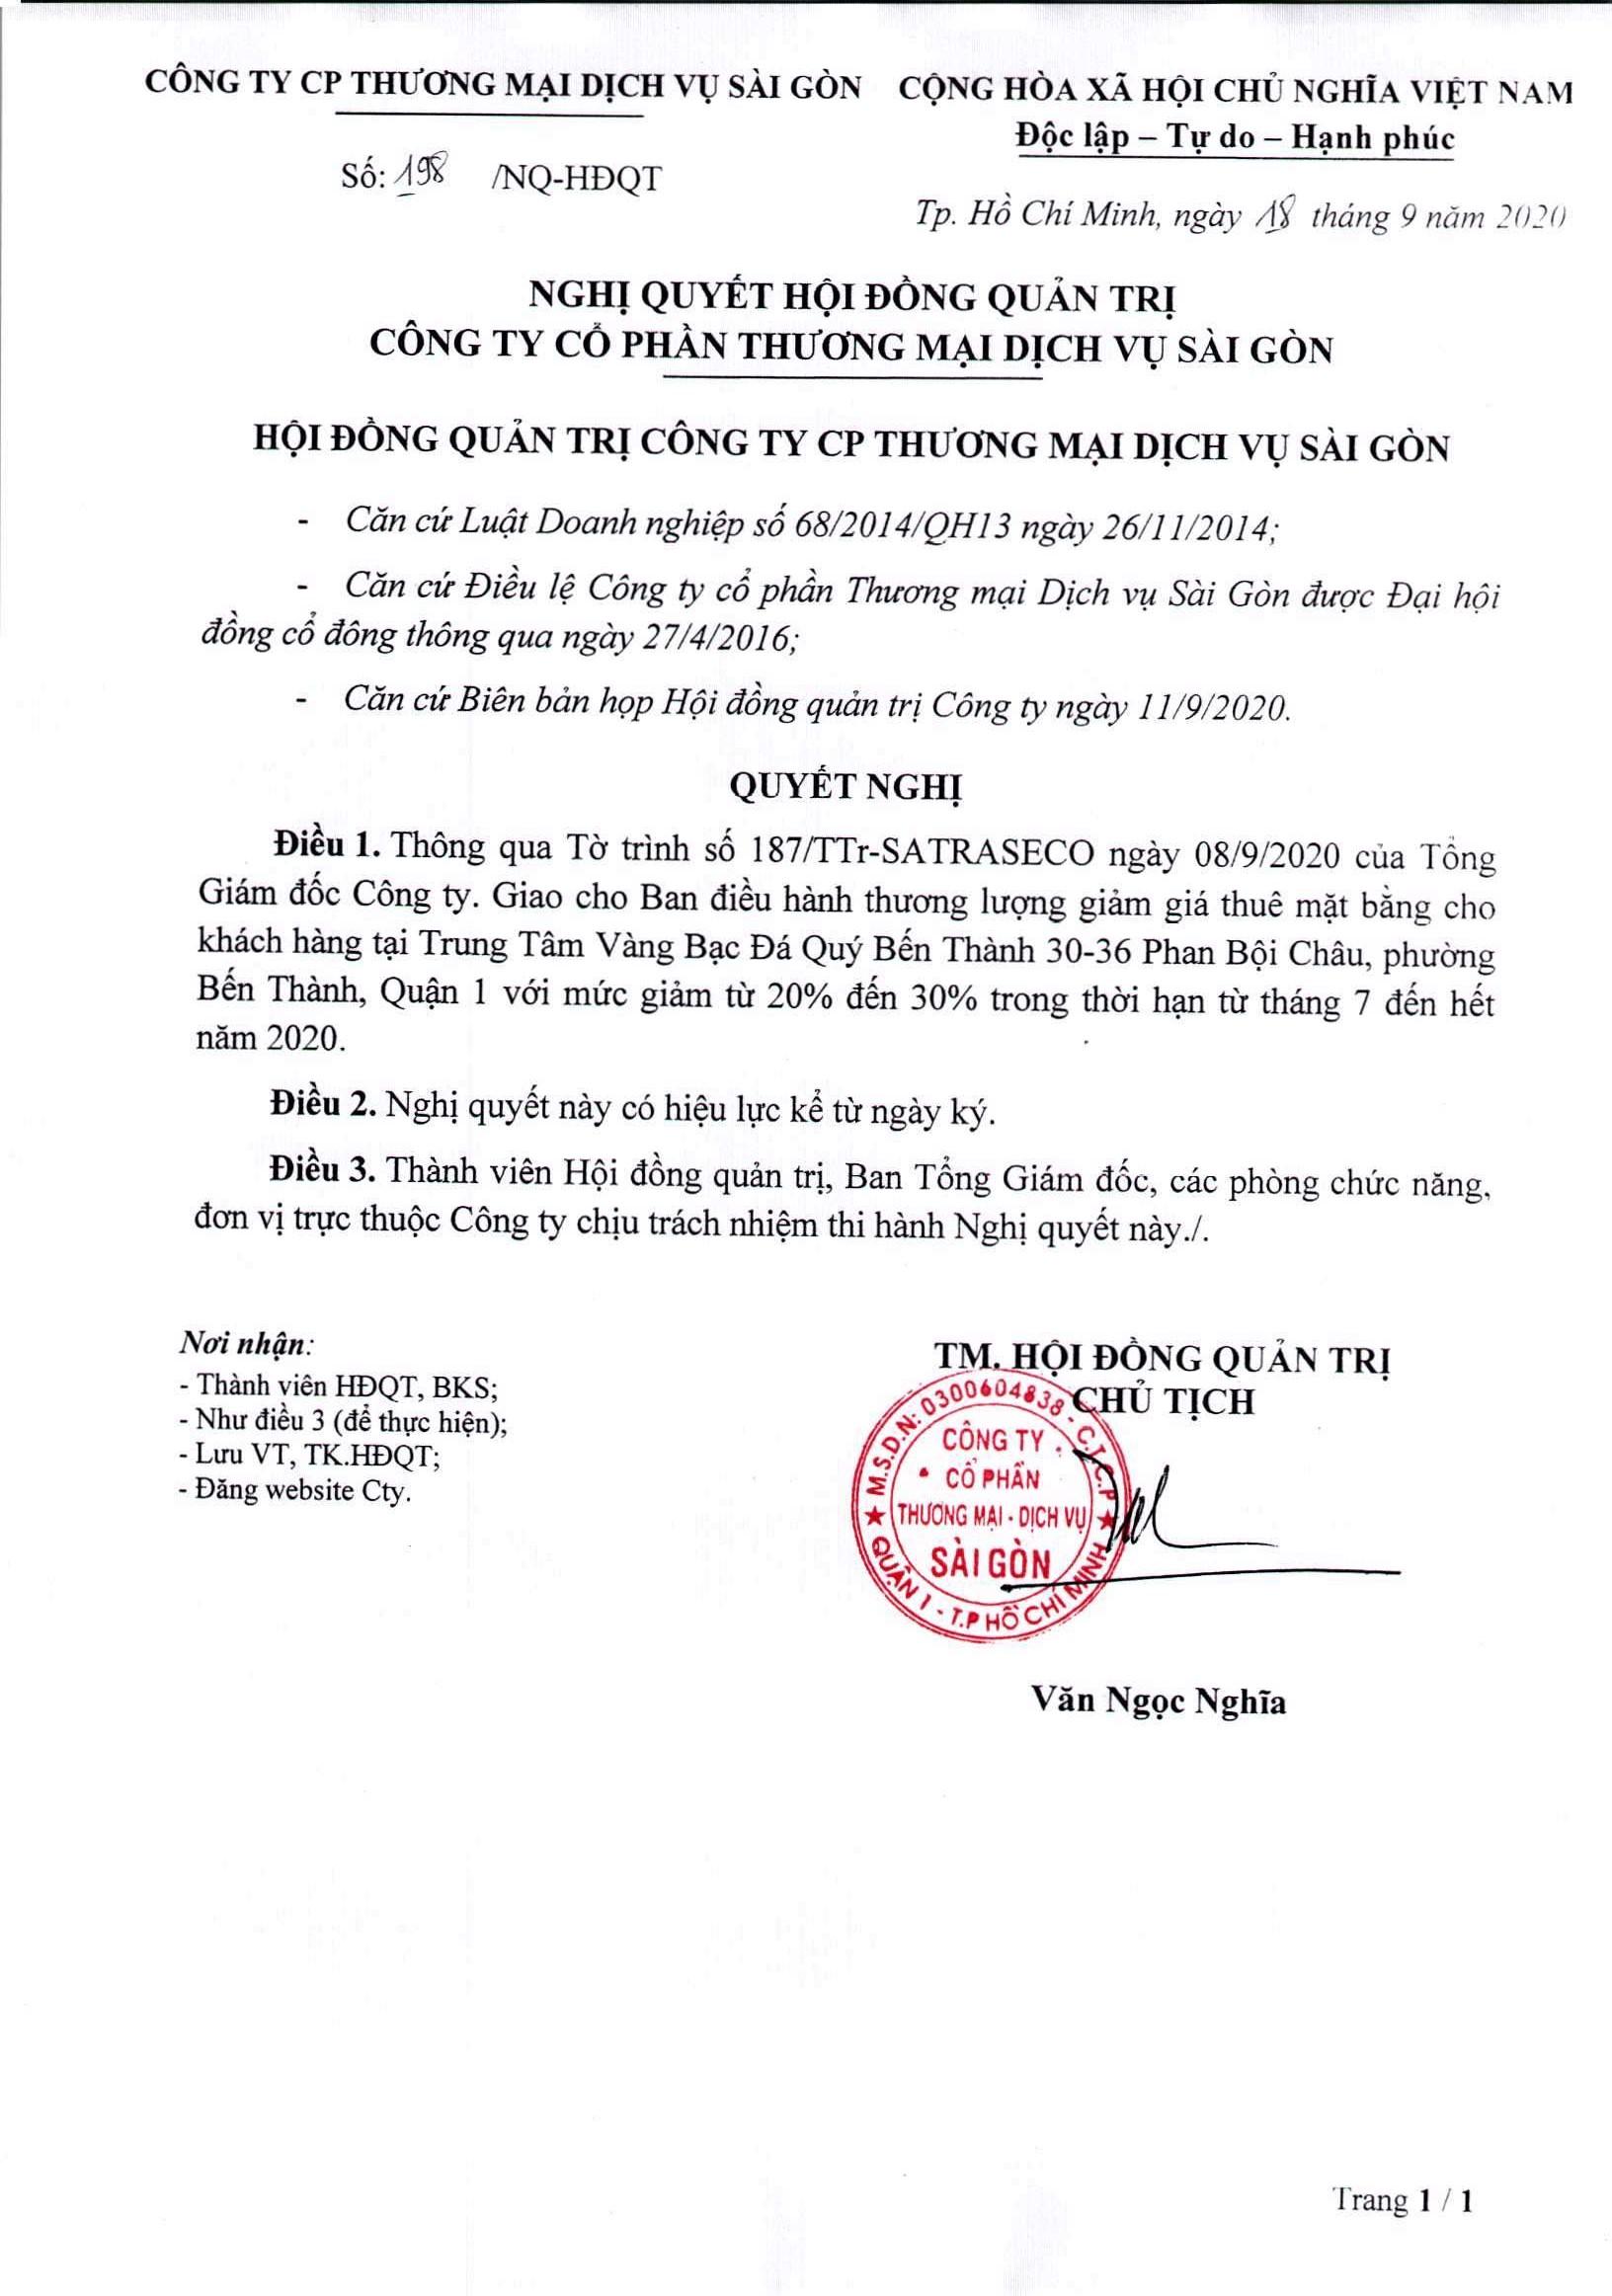 Nghị quyết 198-NQ-HĐQT ngày 18-9-2020